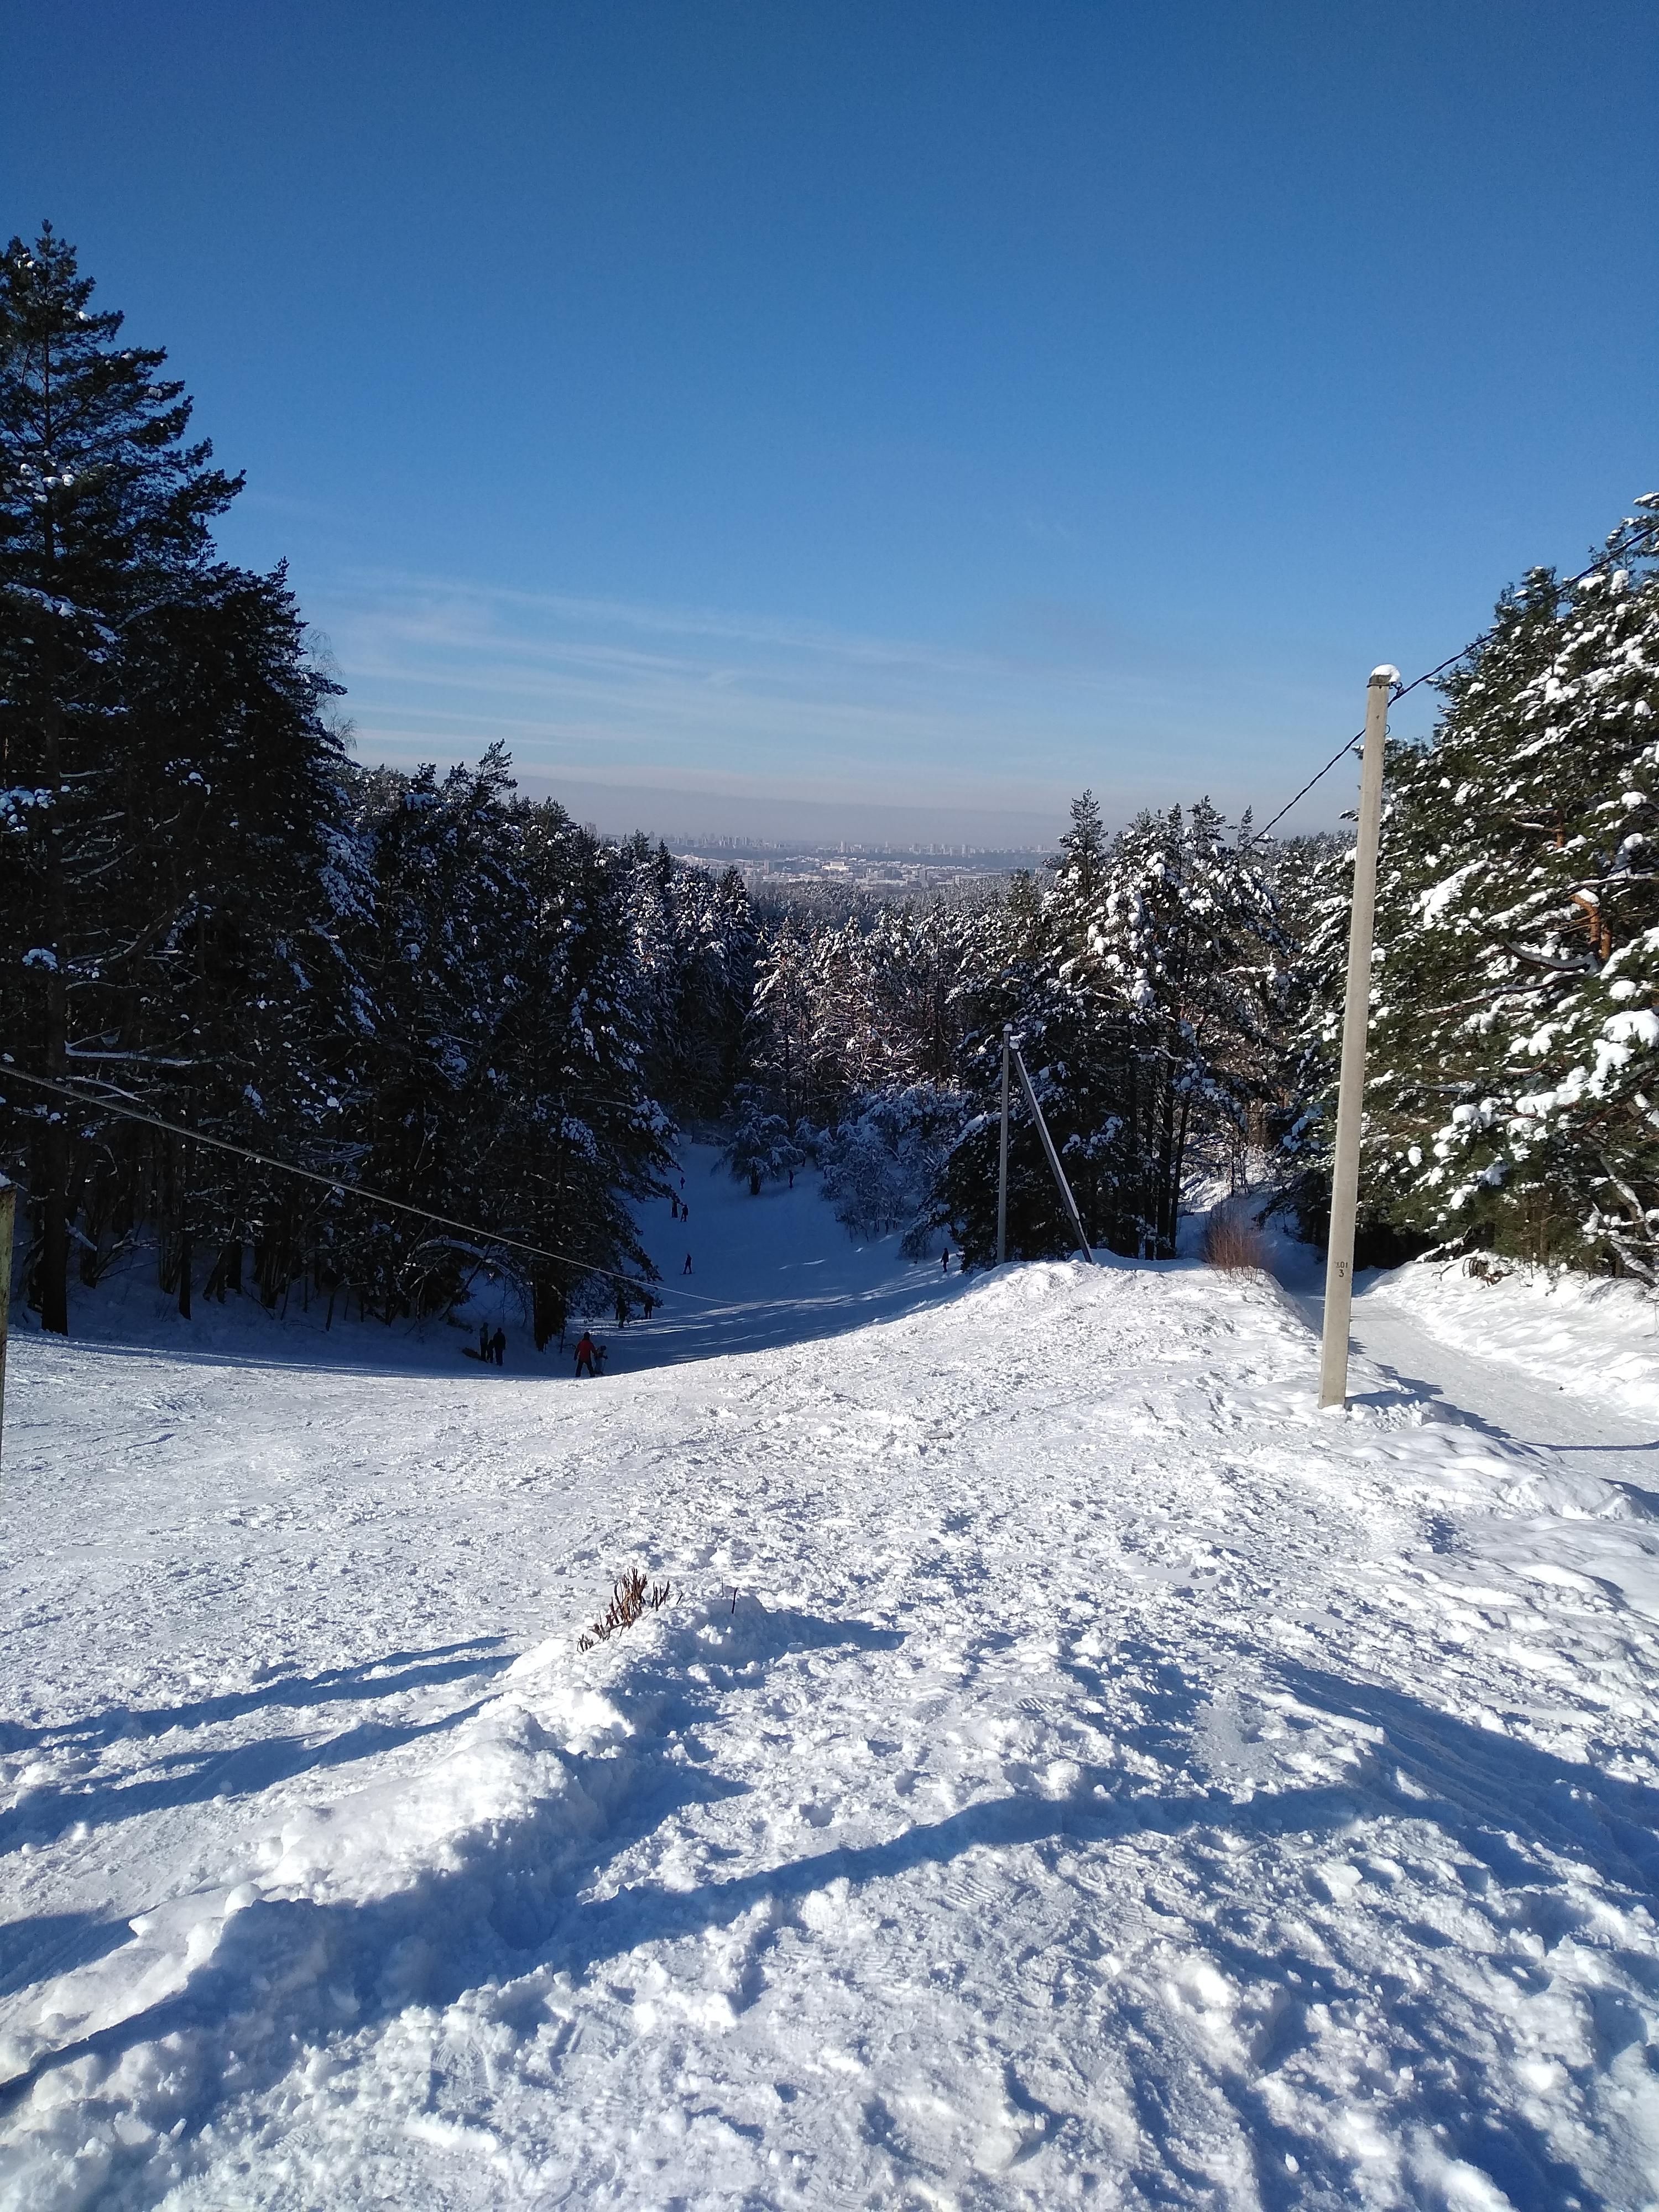 Ski slope Rokantiskes